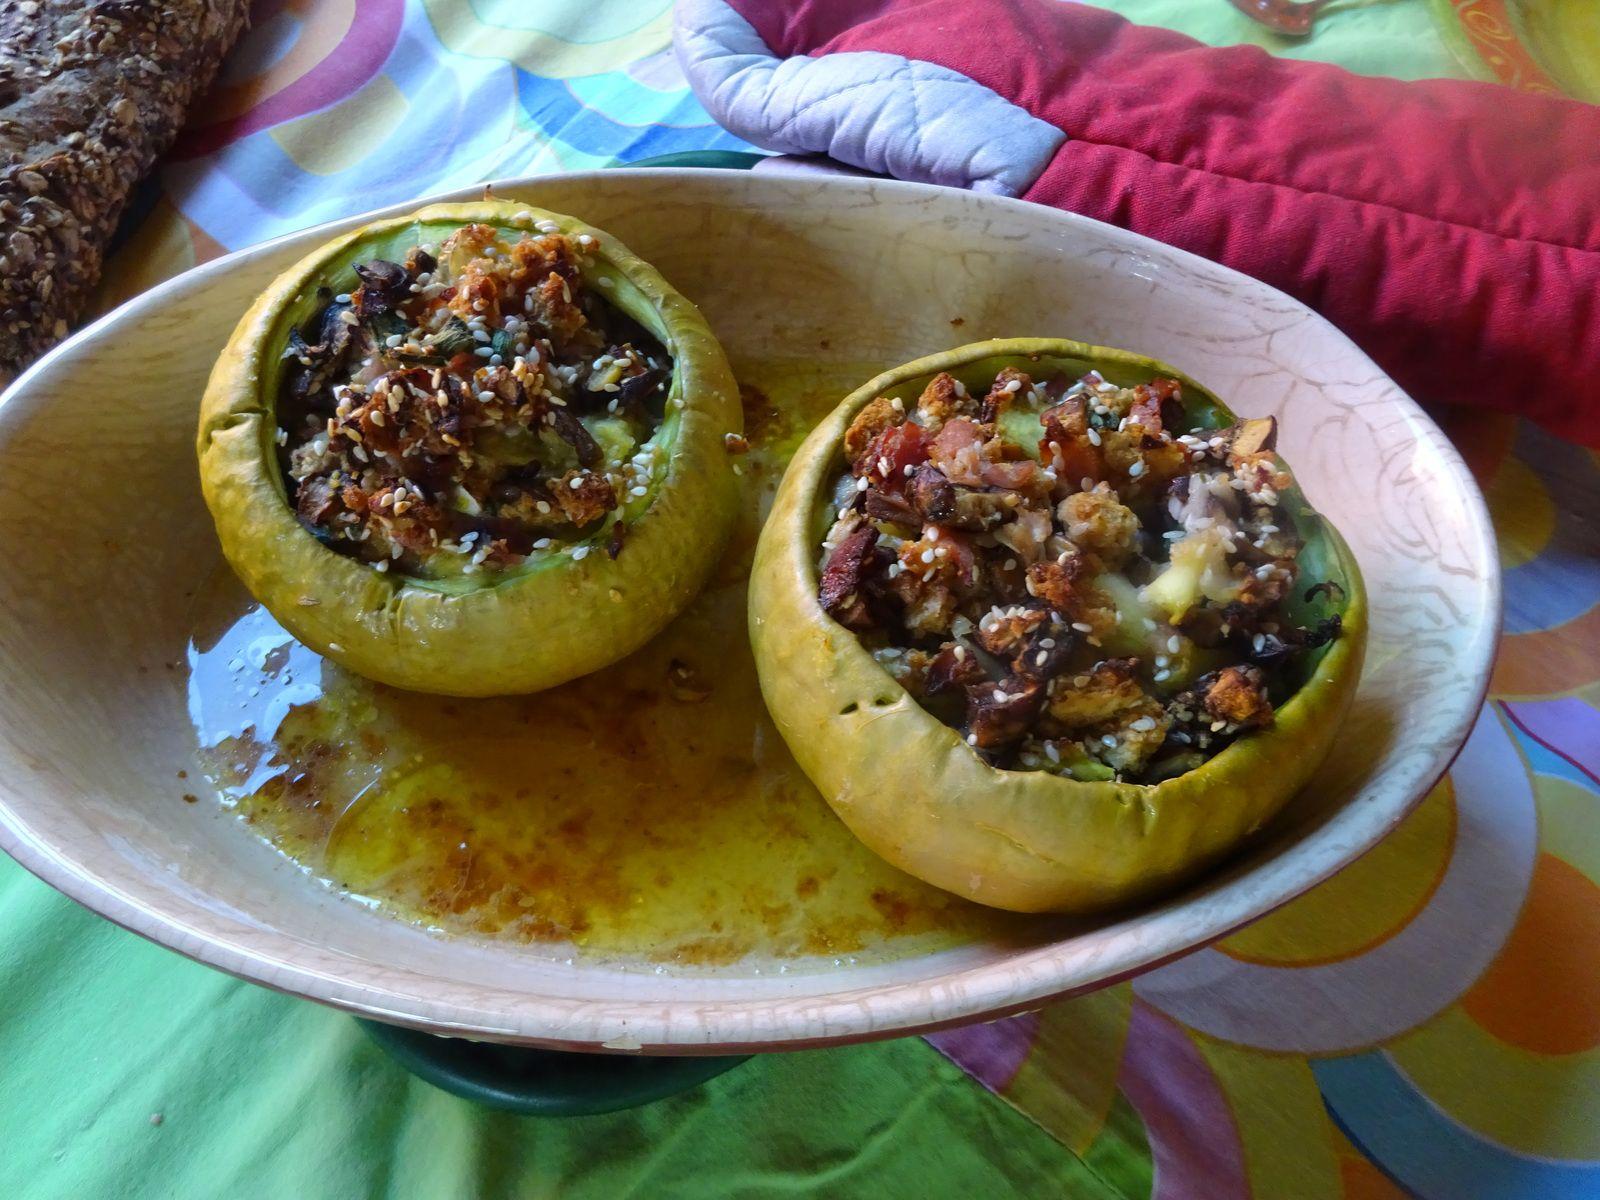 Courgettes farcies au jambon et aux champignons.